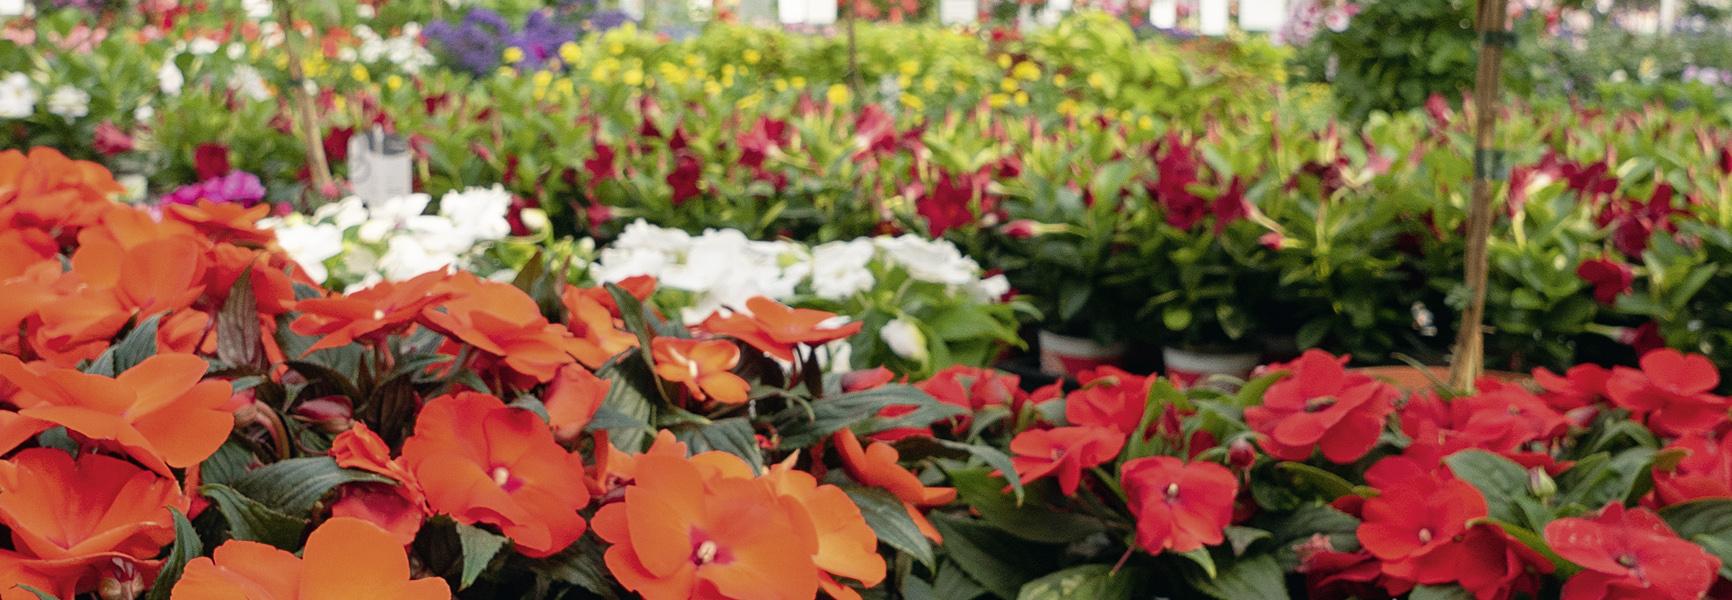 Sommerblumen von Martina Ziegler Gartenbau – Spezial-Kulturen 97350 Mainbernheim